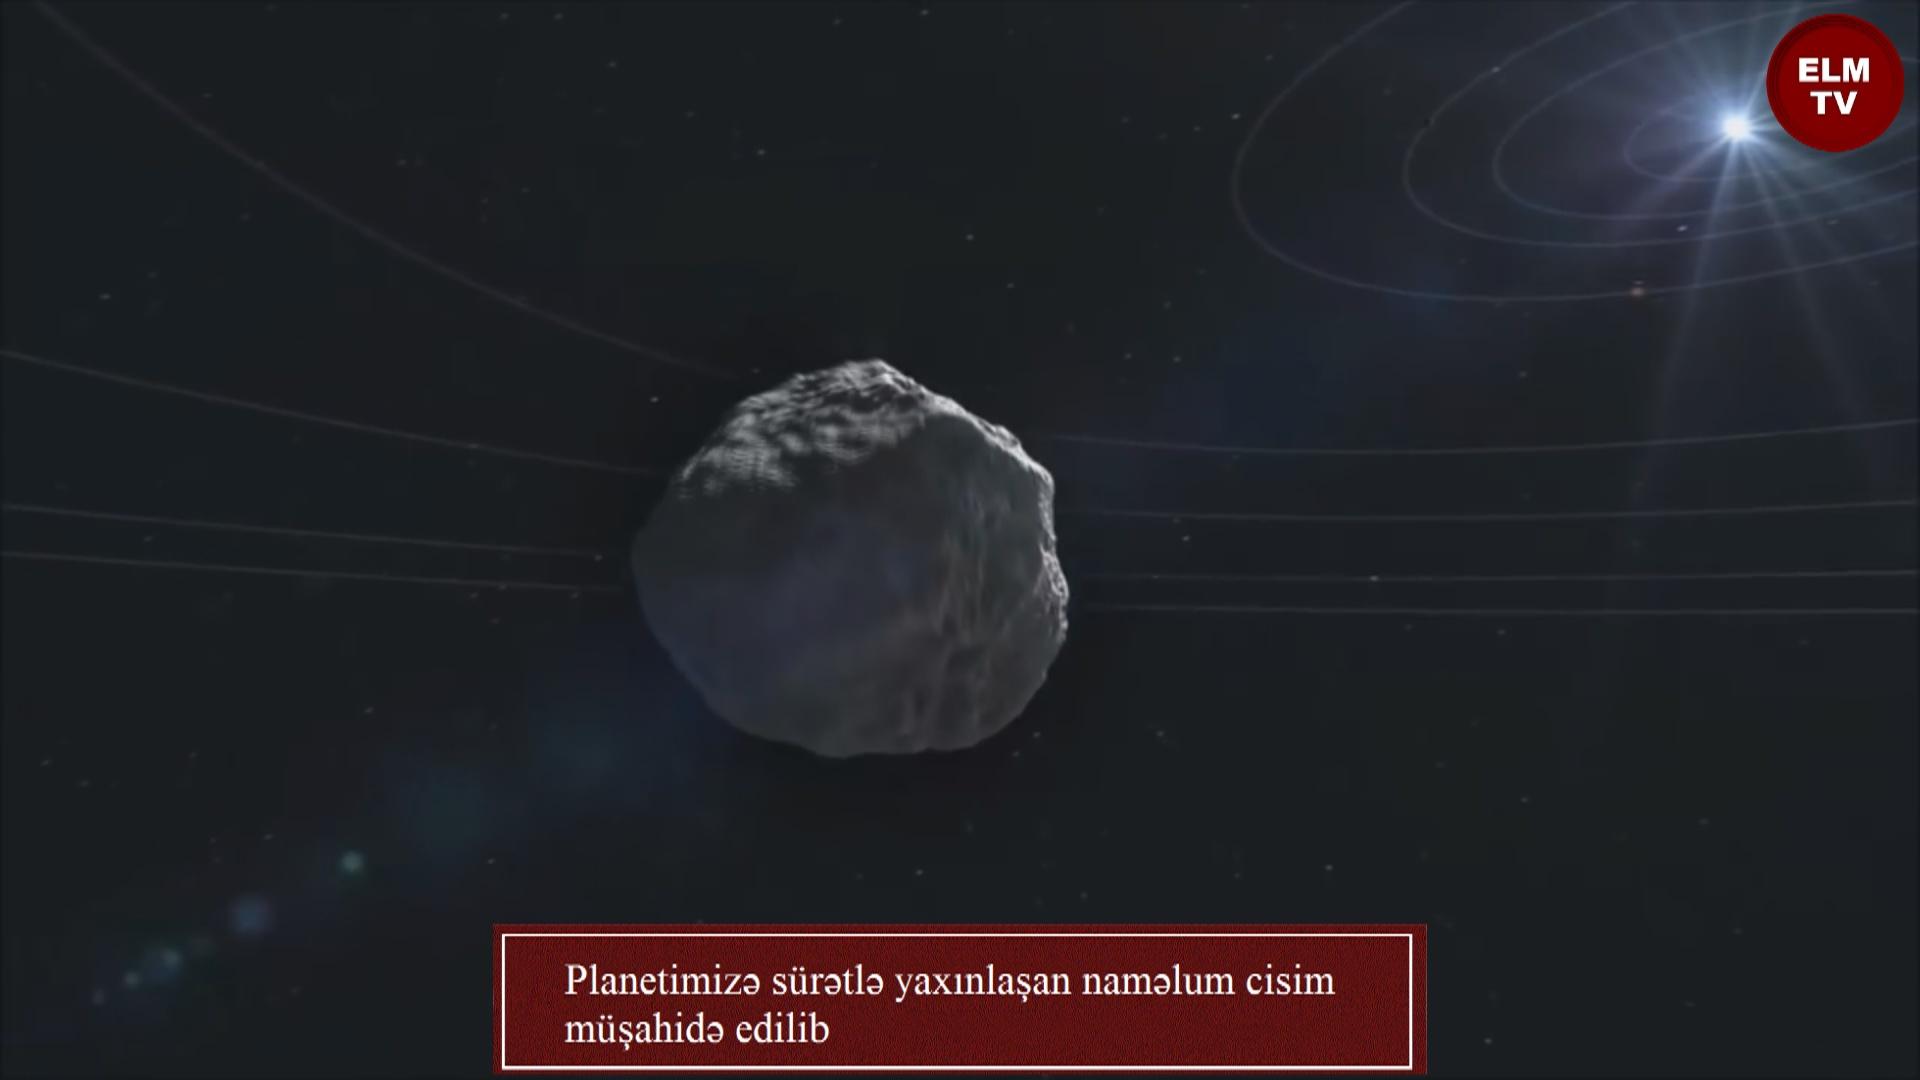 Planetimizə sürətlə yaxınlaşan naməlum cisim müşahidə edilib